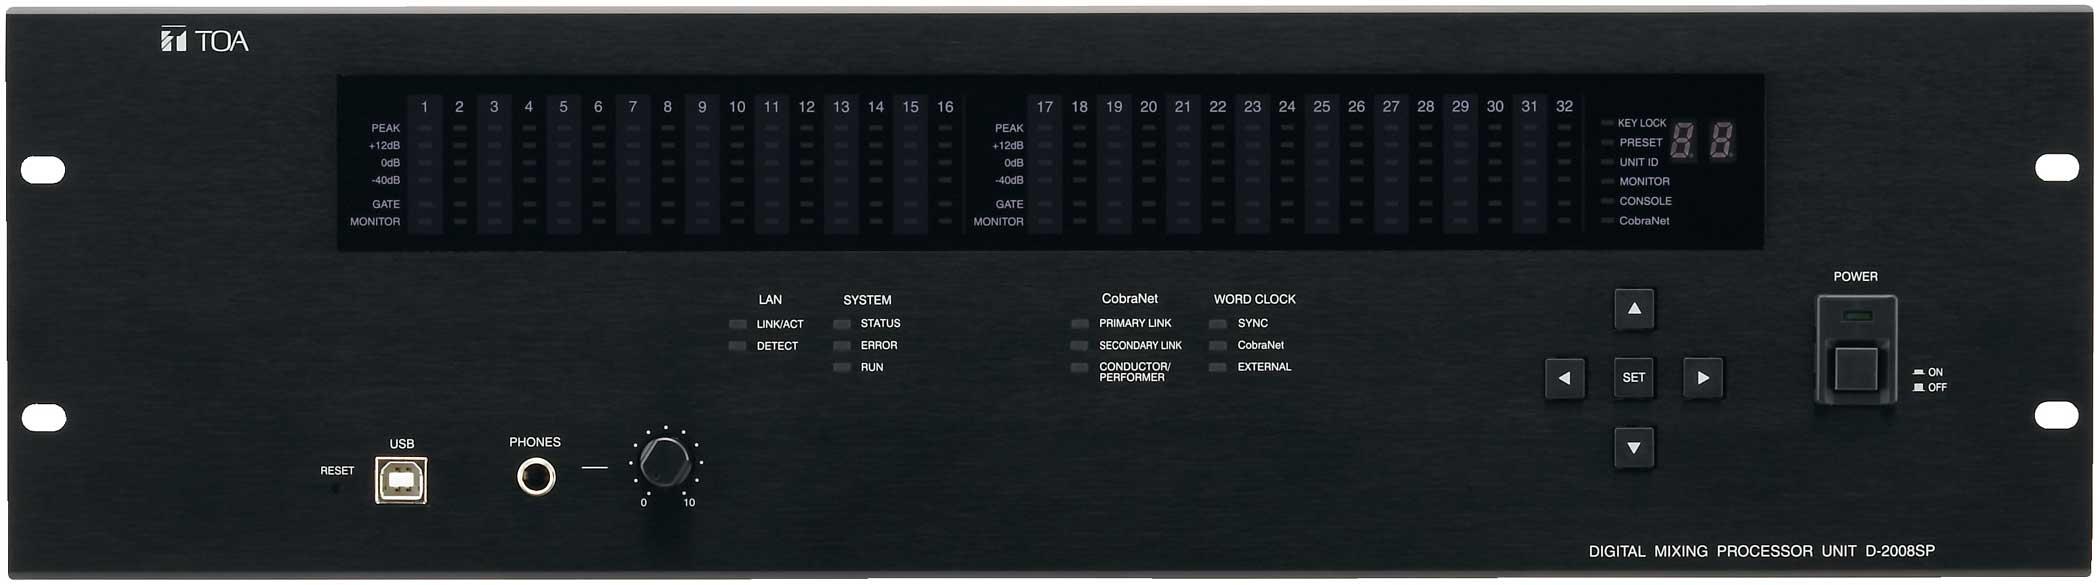 Digital Mixer, Modular, 32 Channel